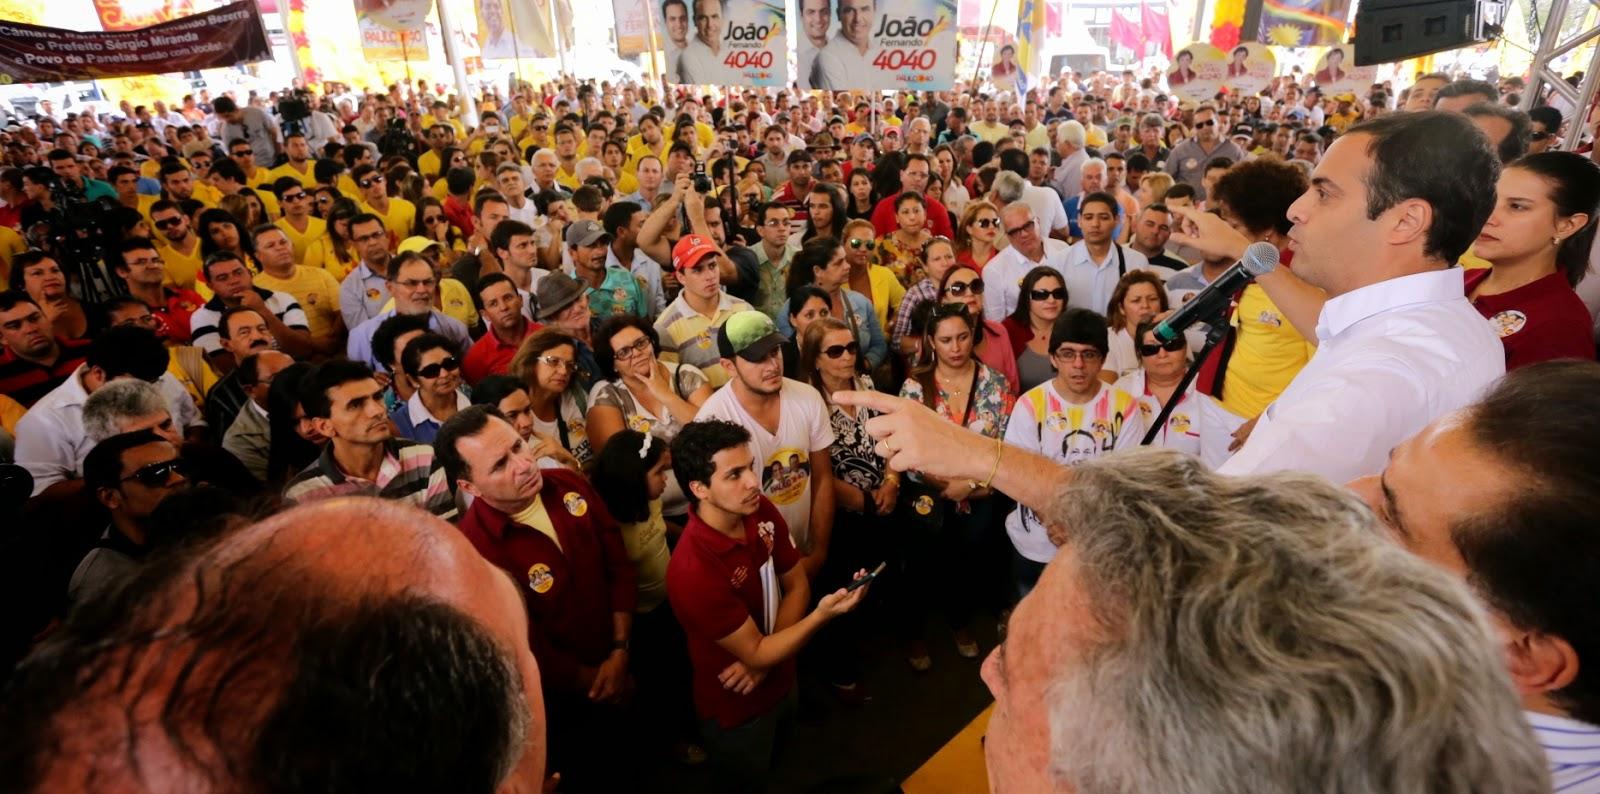 Grandes atos em Caruaru demonstram união em torno de Paulo Câmara